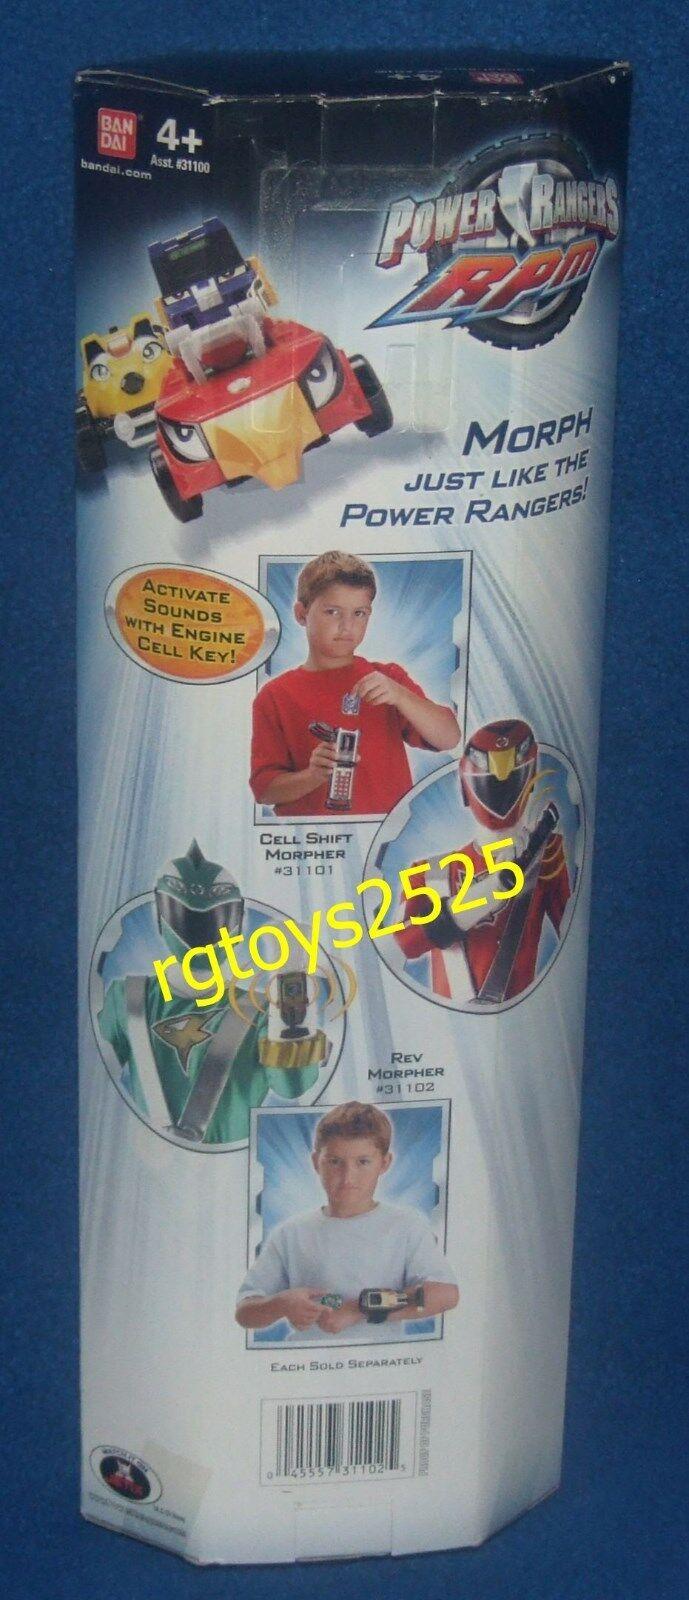 Power Rangers RPM REV MORPHER New Factory Sealed w sounds sounds sounds 2009 de6b12